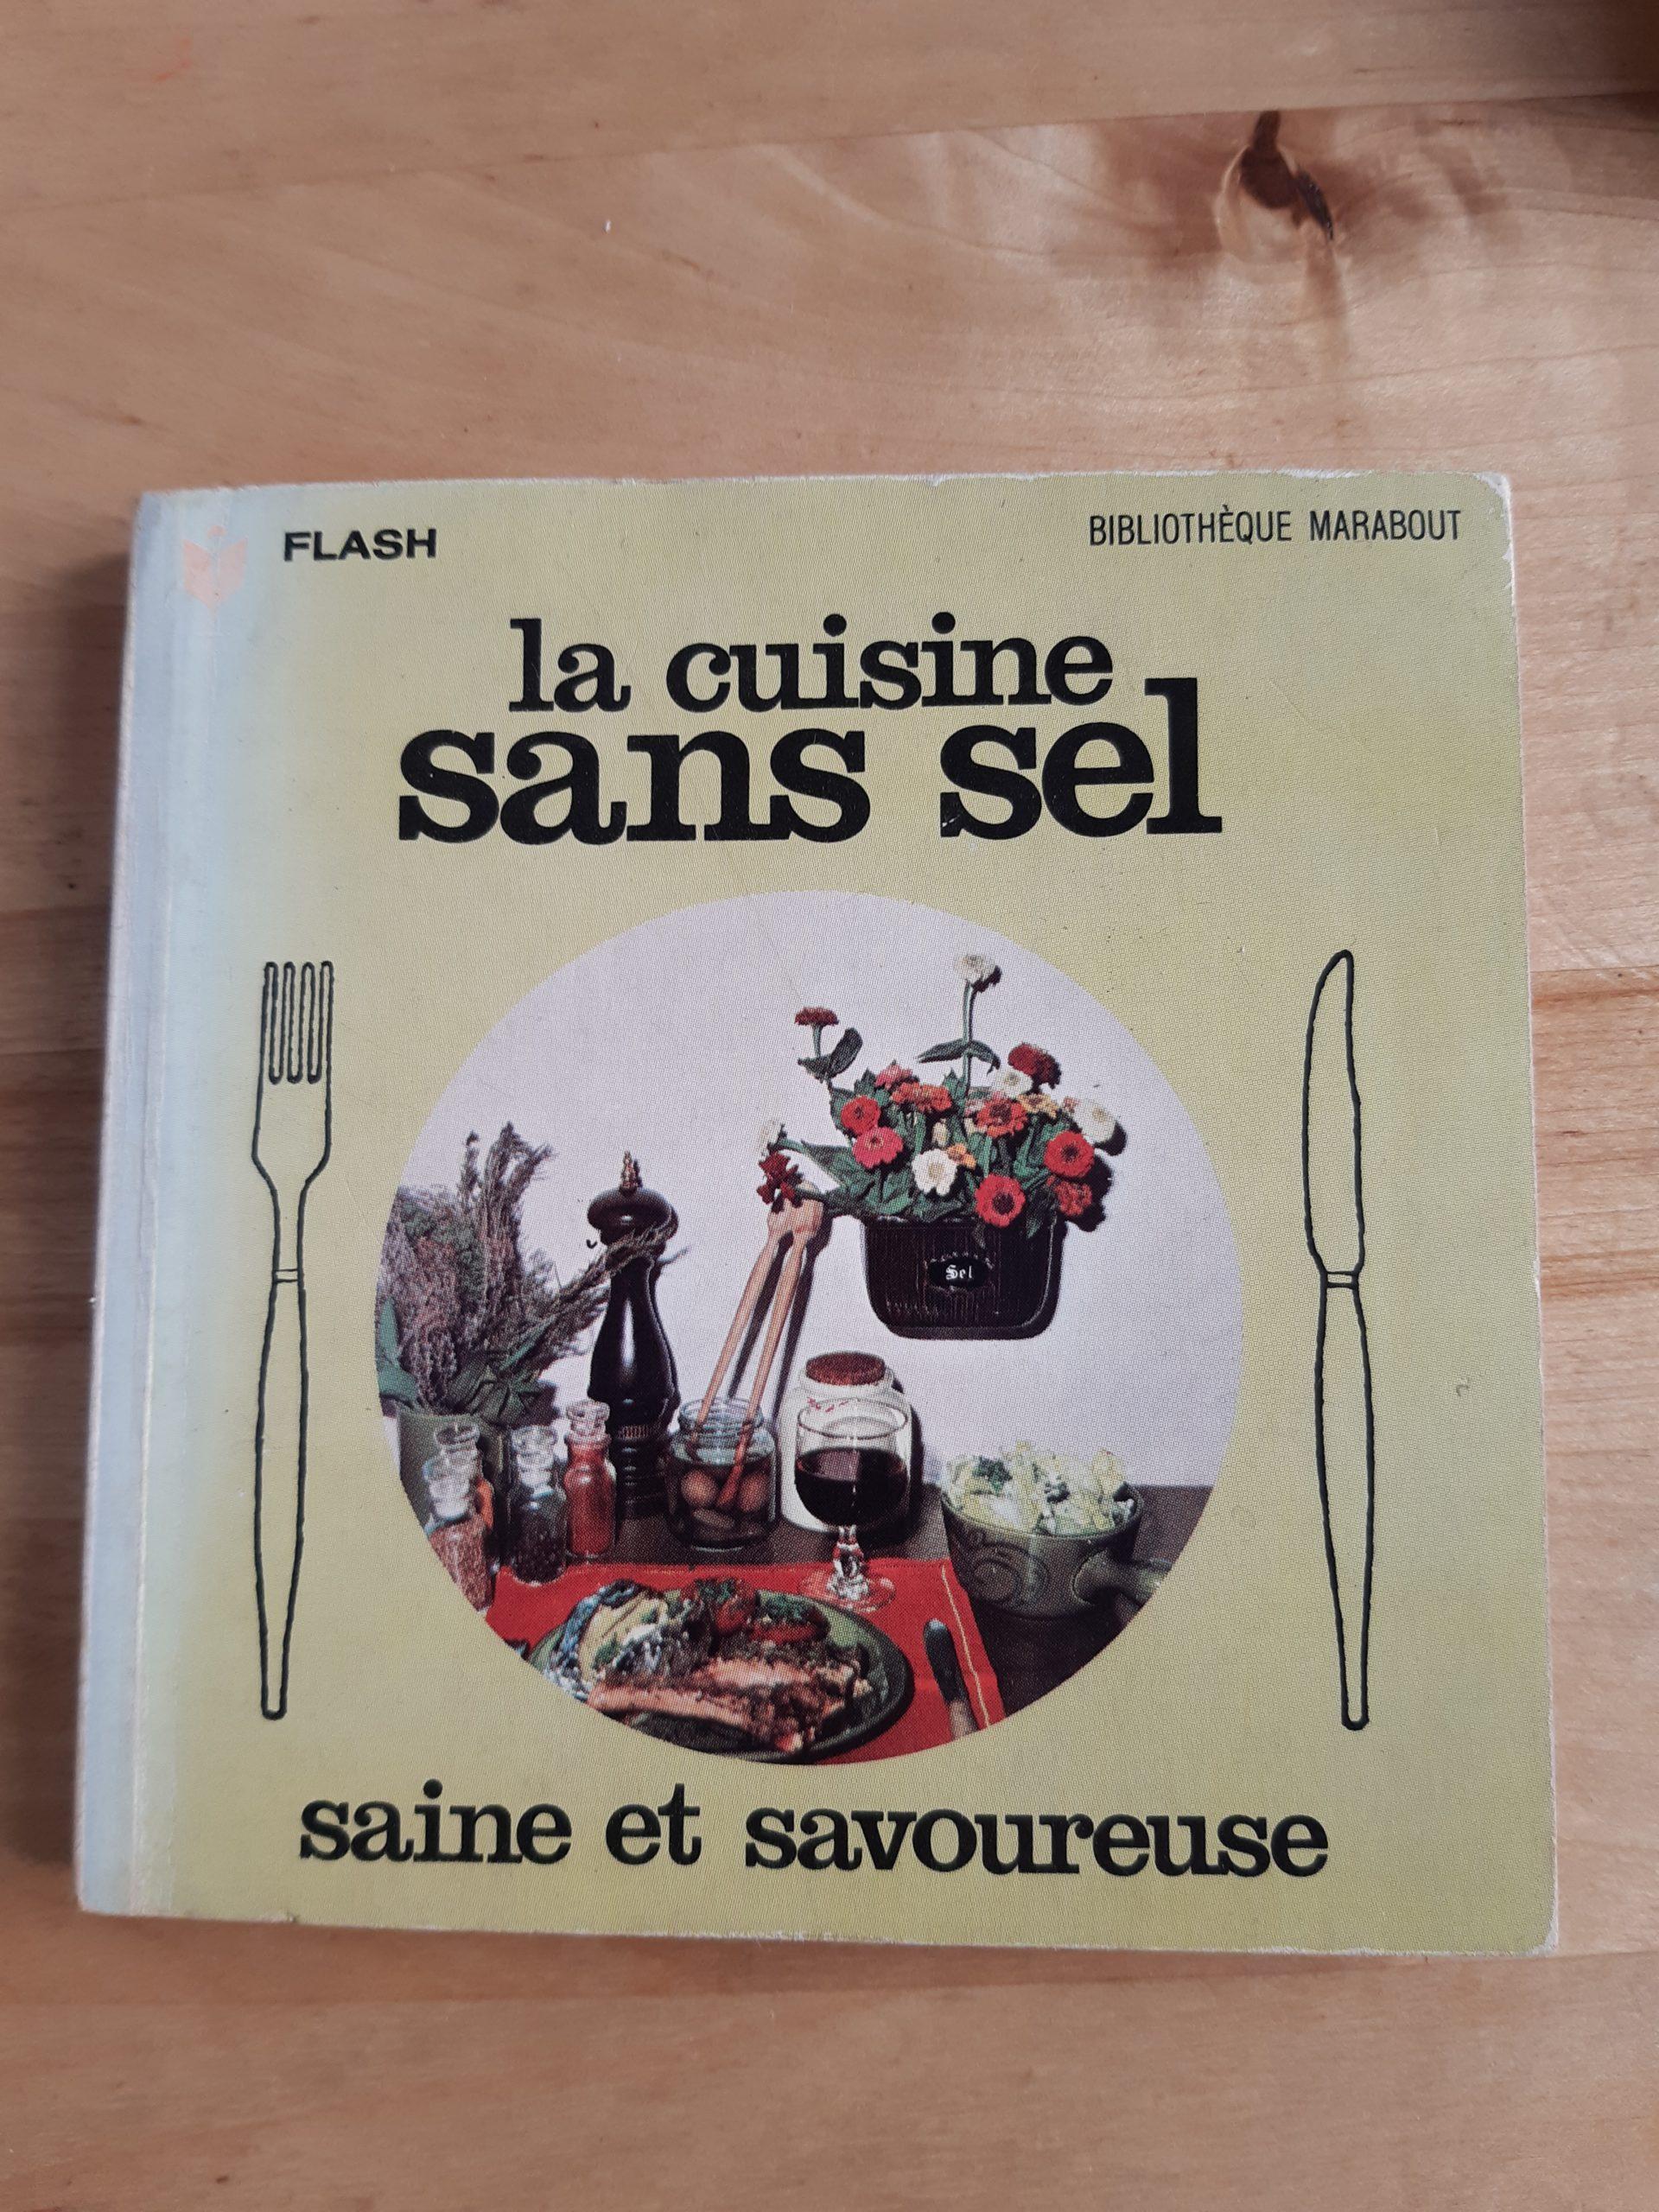 La cuisine sans sel